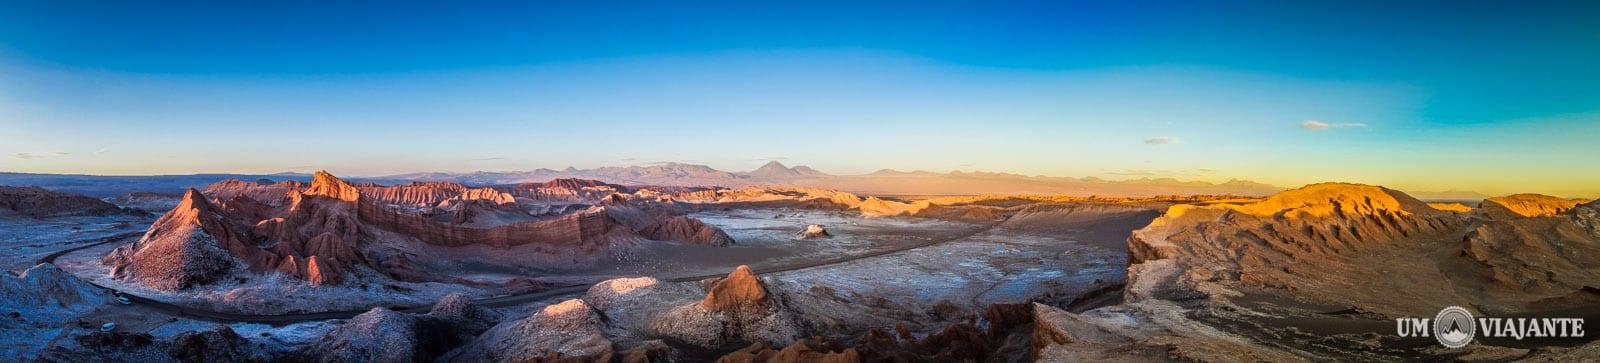 Foto Panorâmica - Pôr do sol no Valle de la Luna